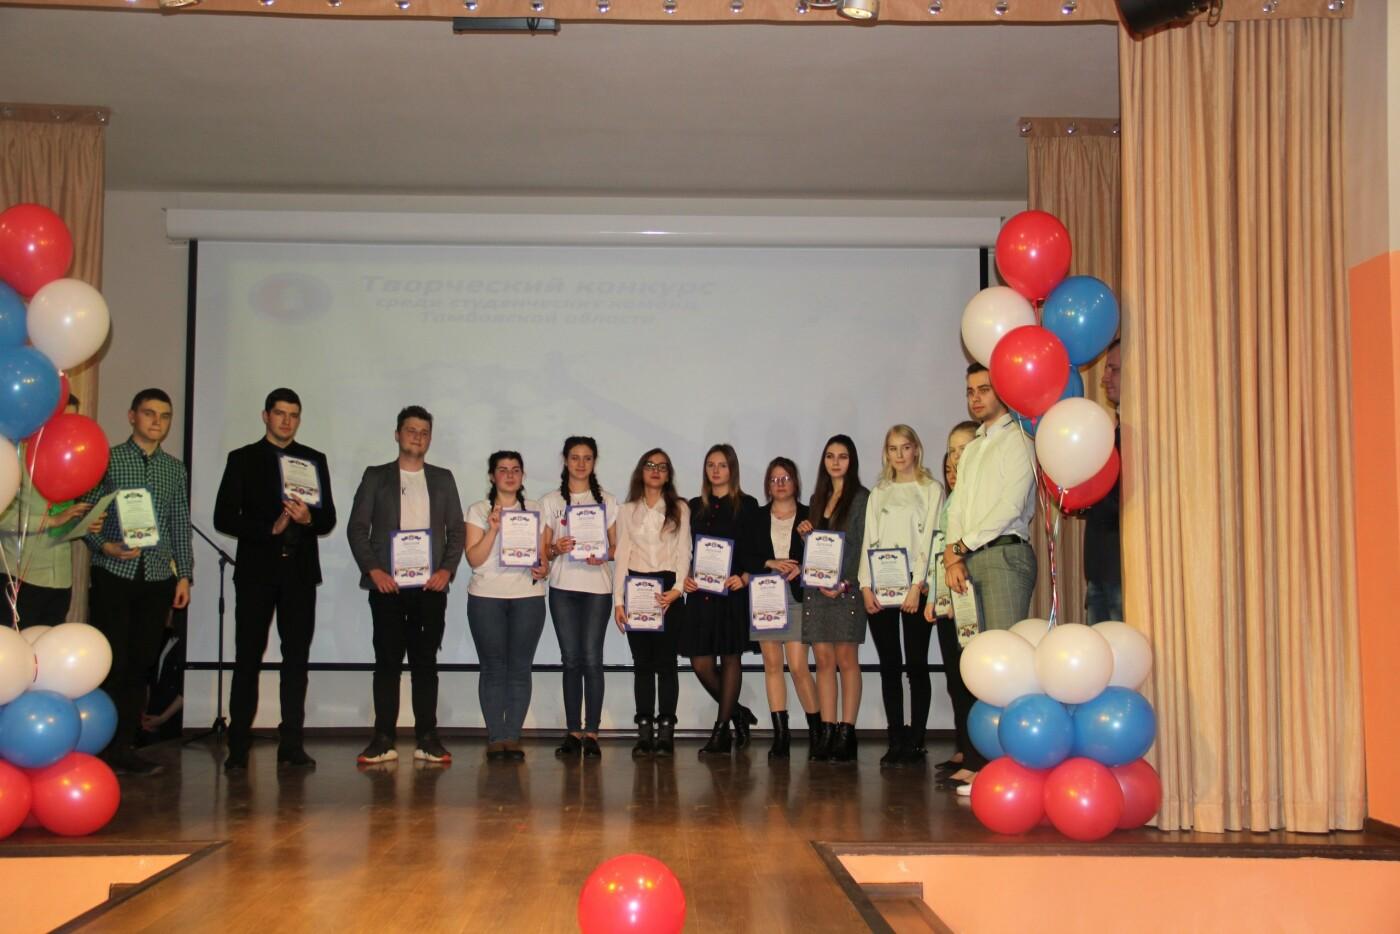 Команда Тамбовского филиала РАНХиГС получила призовое место в финале творческого конкурса, фото-3